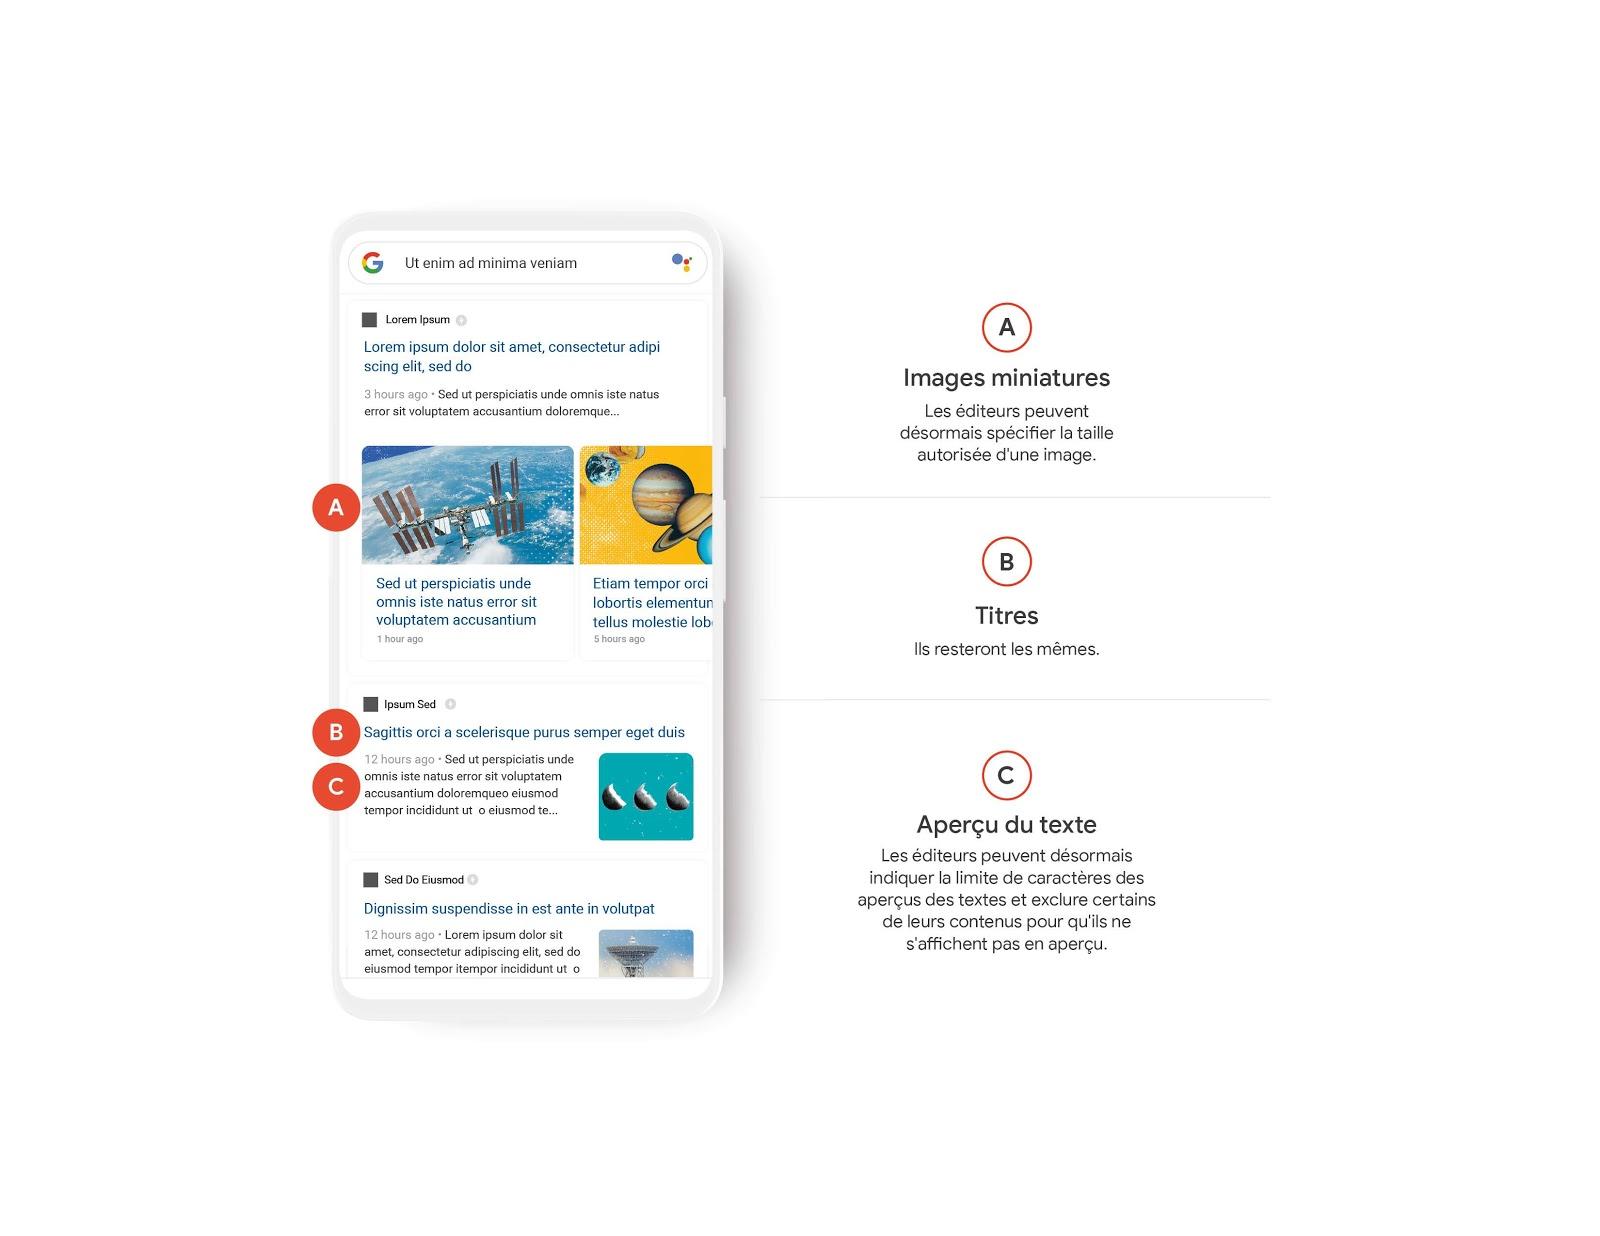 Directive droit d'auteur : Google trouve une parade pour rester conforme